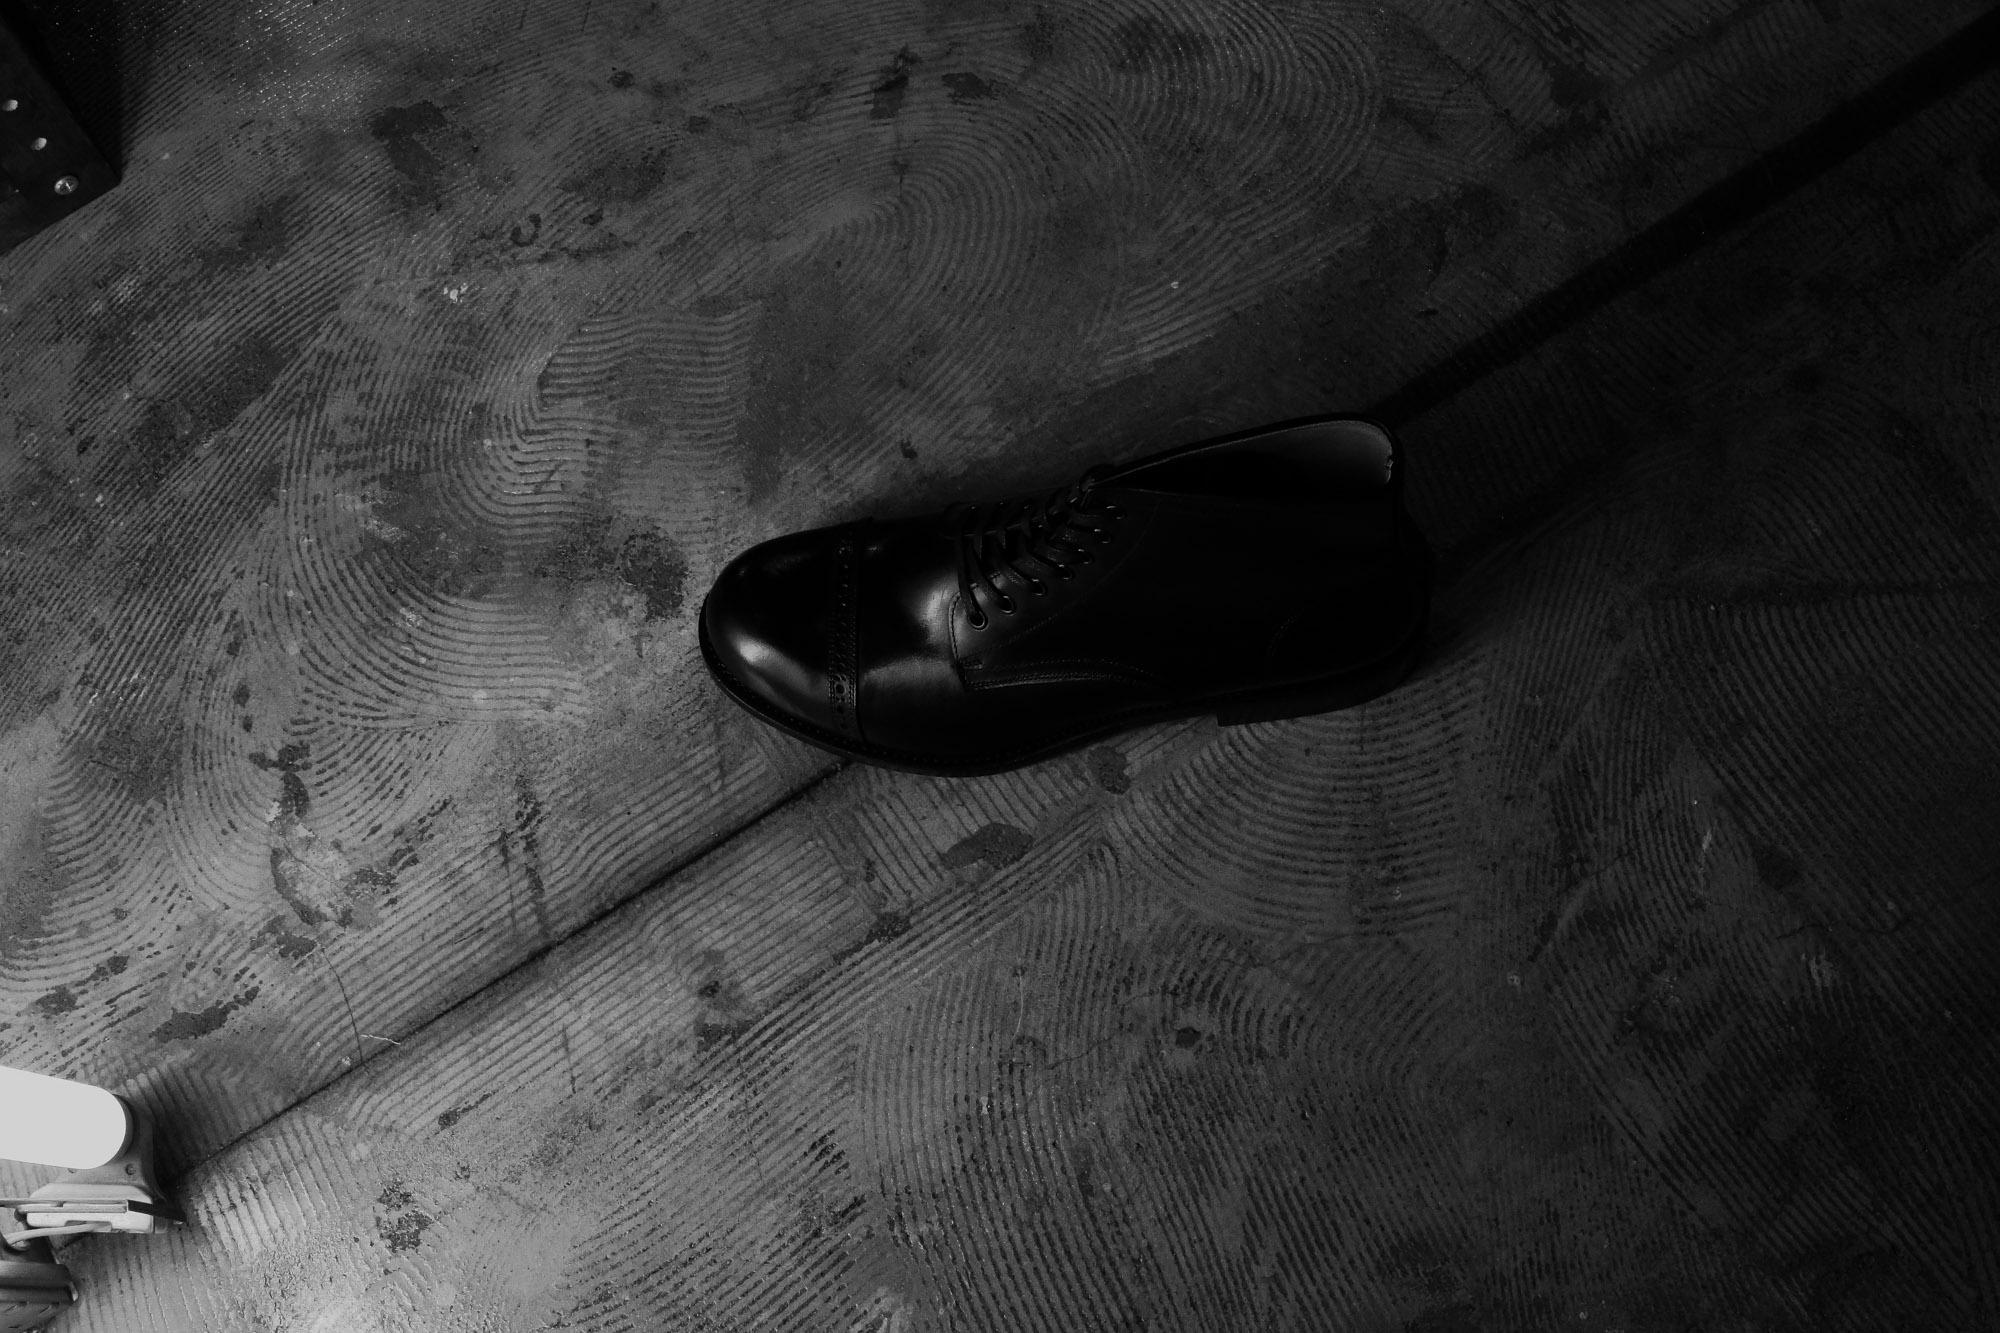 Cuervo クエルボ shoemaker  日本国内で作り出される最高品質のシューメーカー「Cuervo」 cordovan コードバン chromeexcel クロムエクセル ボカルカーフ ドレスシューズ ブーツ